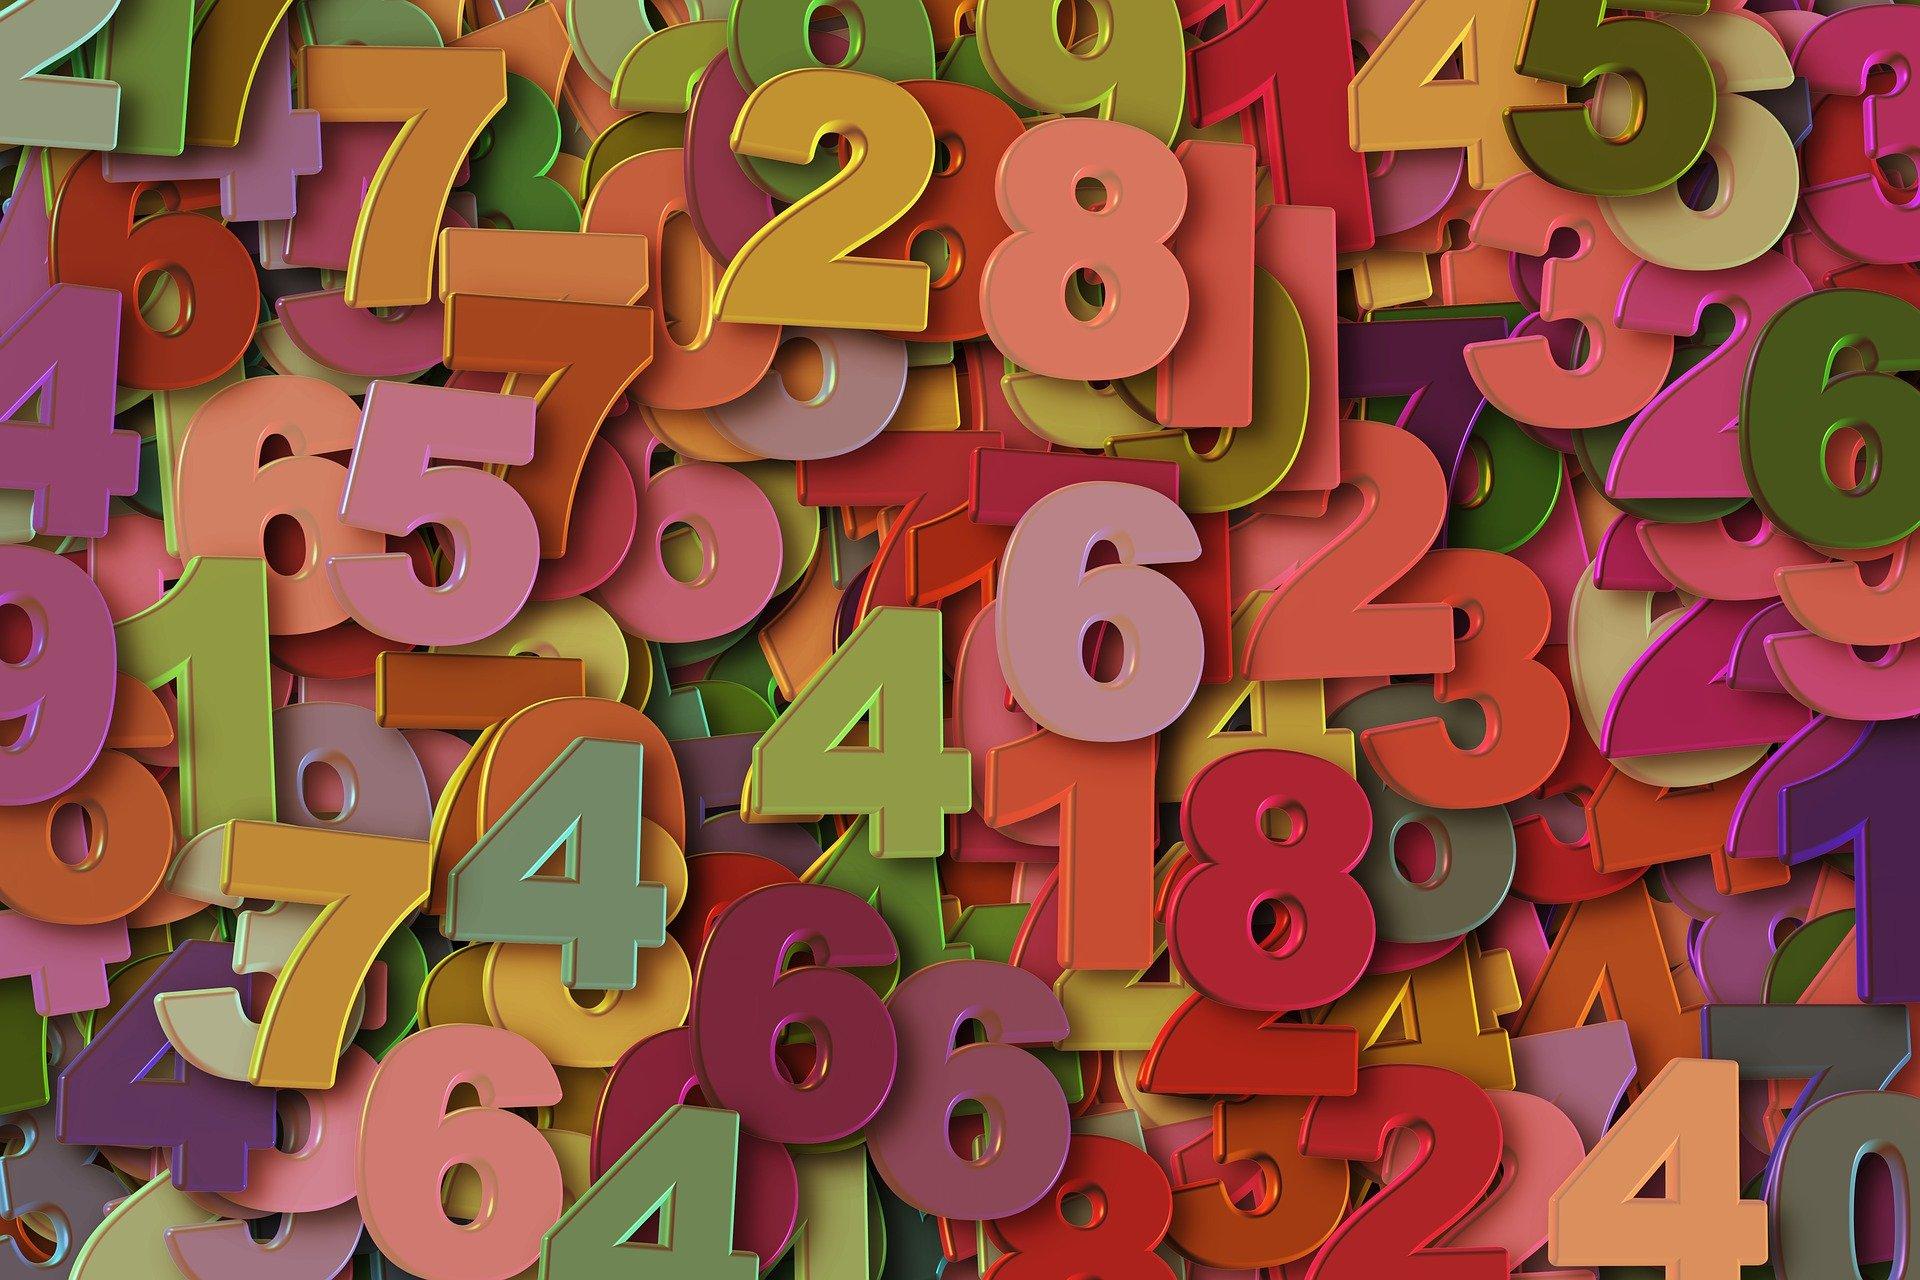 Course Image Specyficzne trudności w uczeniu sie matematyki - dyskalkulia- diagnoza, metodyka prowadzenia zajęć korekcyjno-kompensacyjnych, wyrównawczych